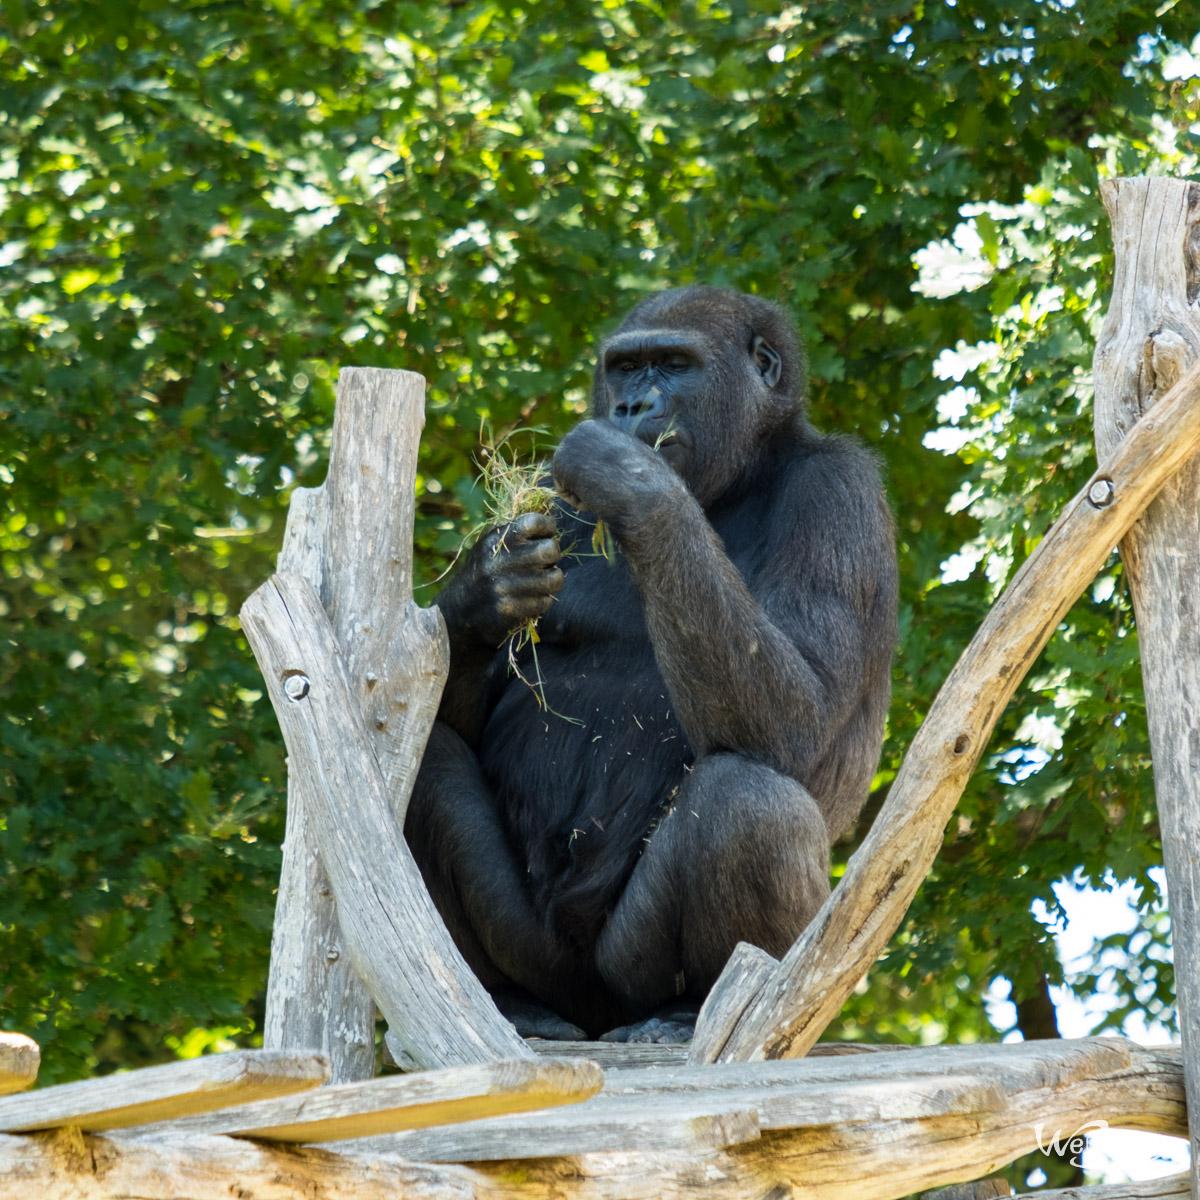 Animaux, Nature, Zoo, Parc zoologique